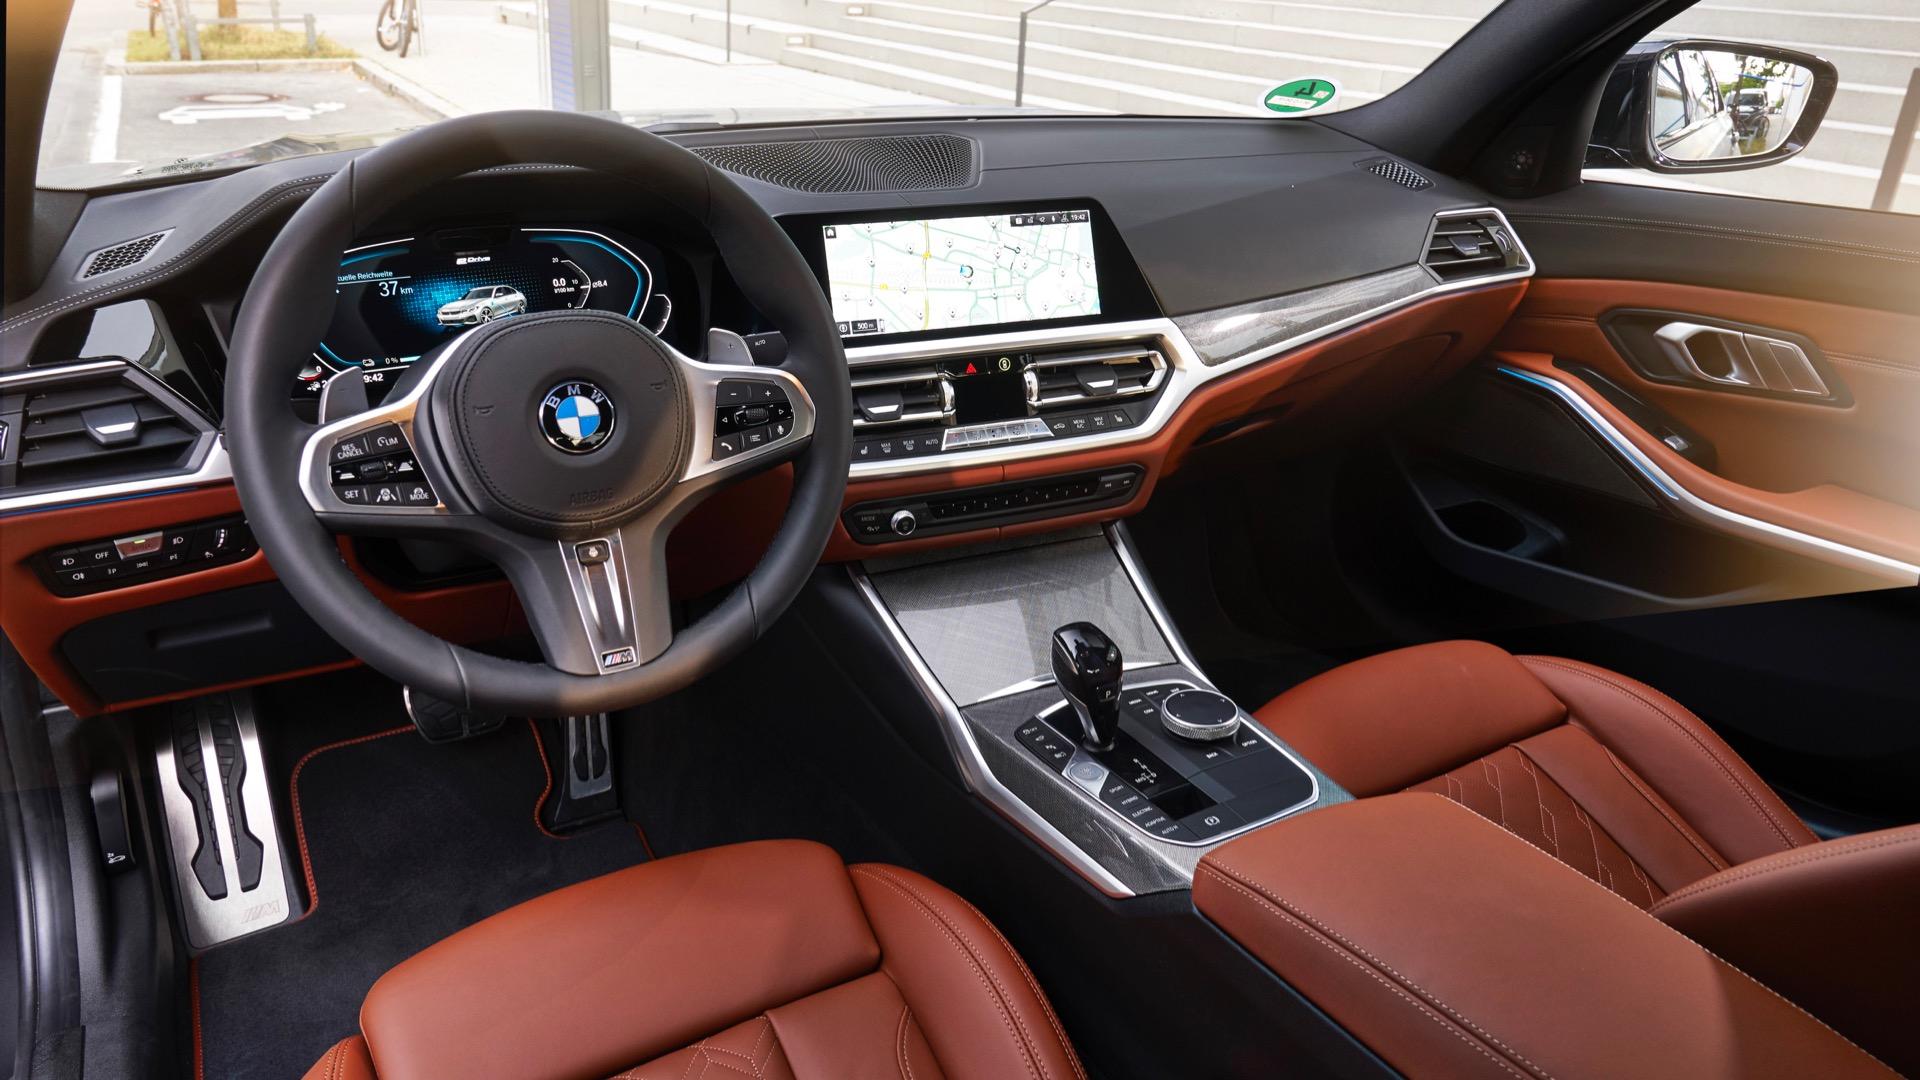 Test Drive - 2021 BMW 330e Hybrid